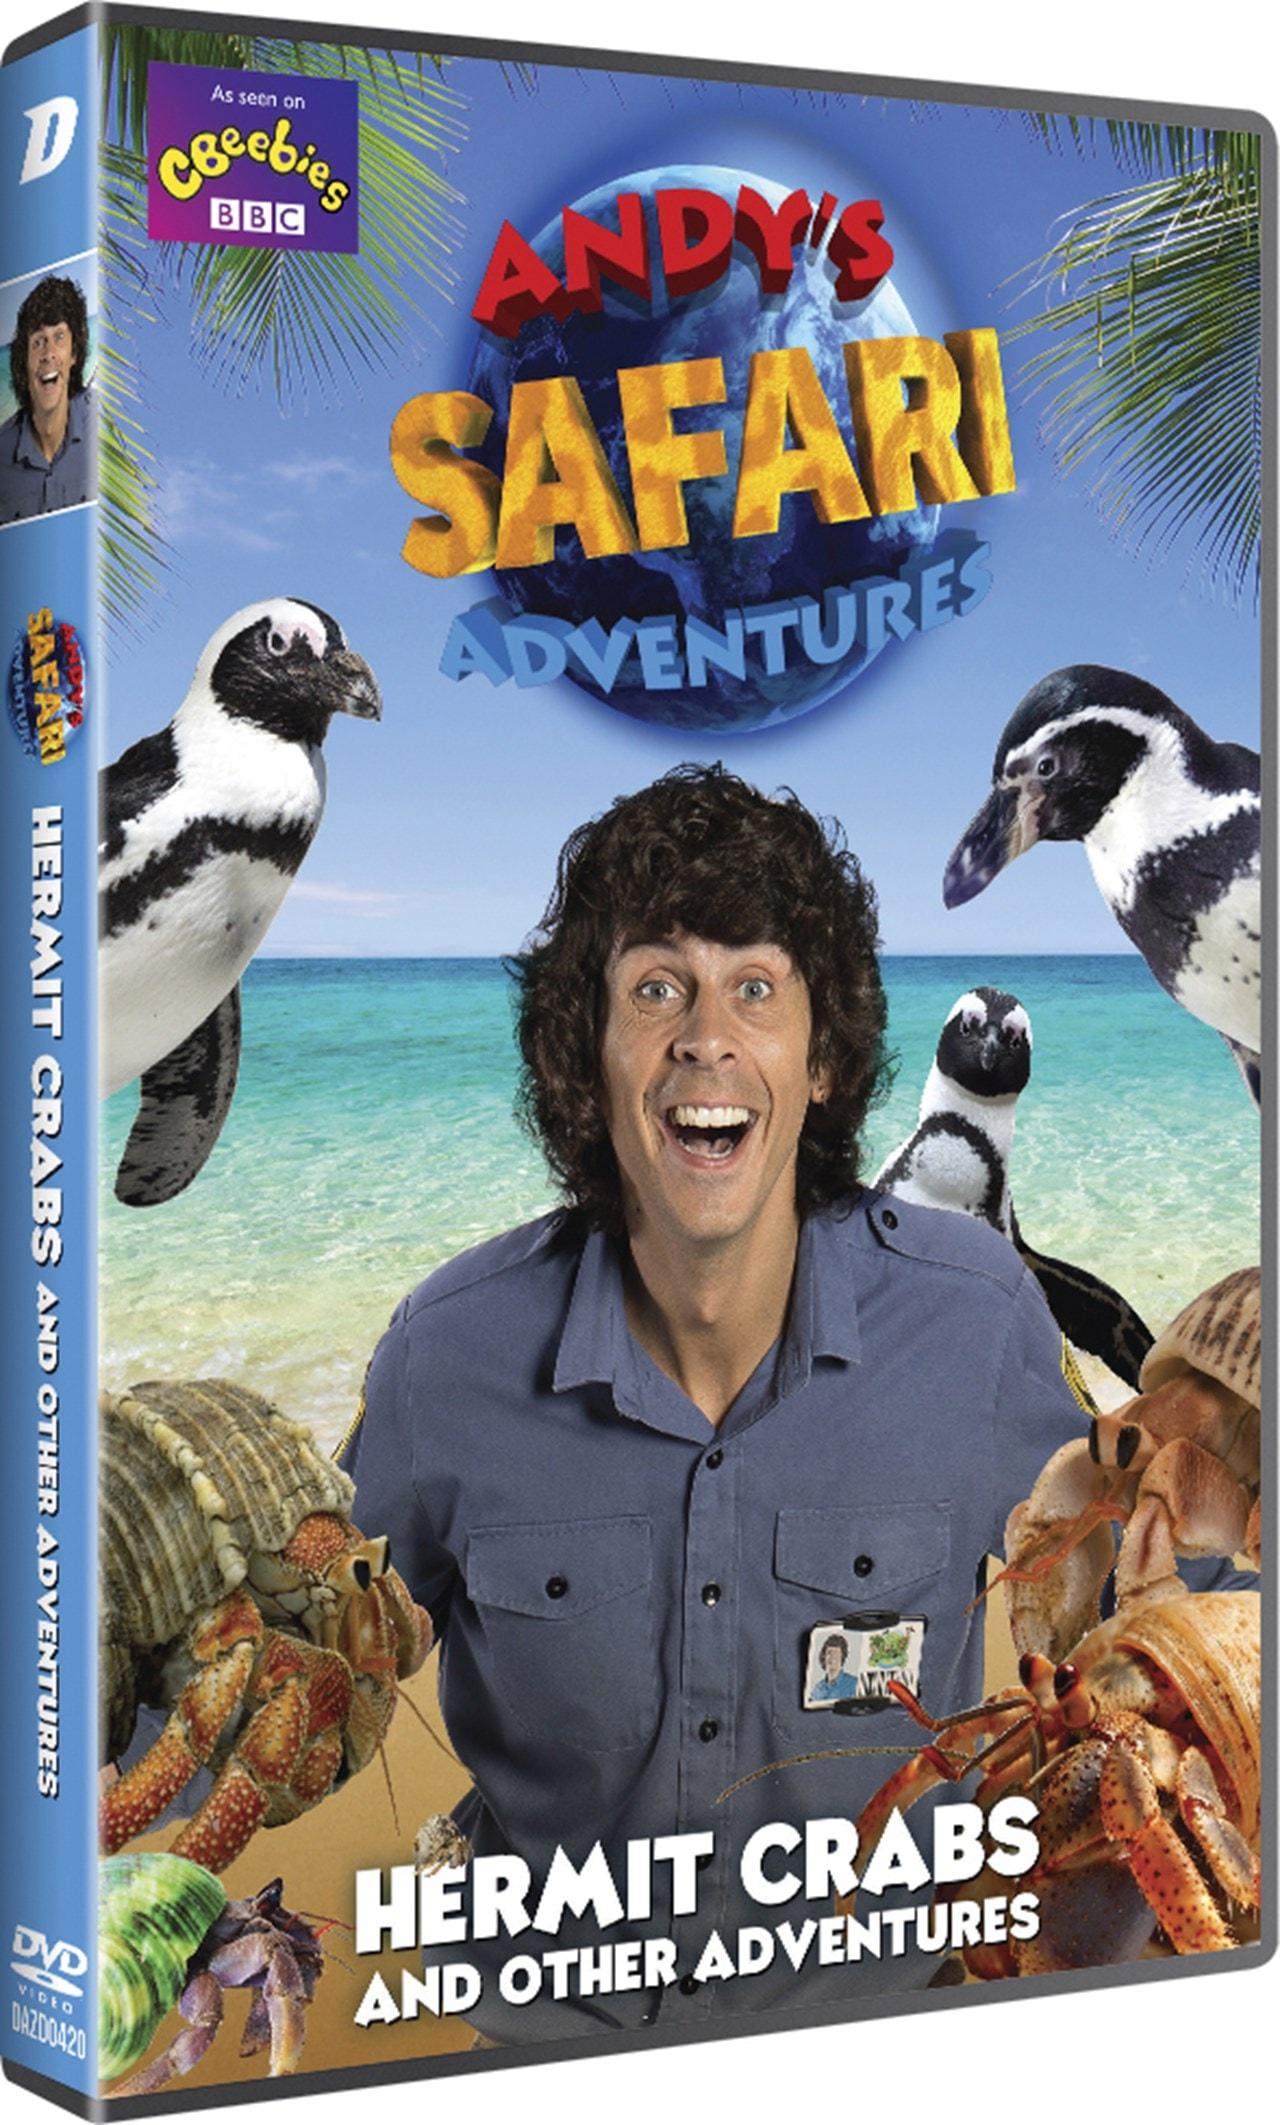 Andy's Safari Adventures: Hermit Crabs & Other Adventures - 2